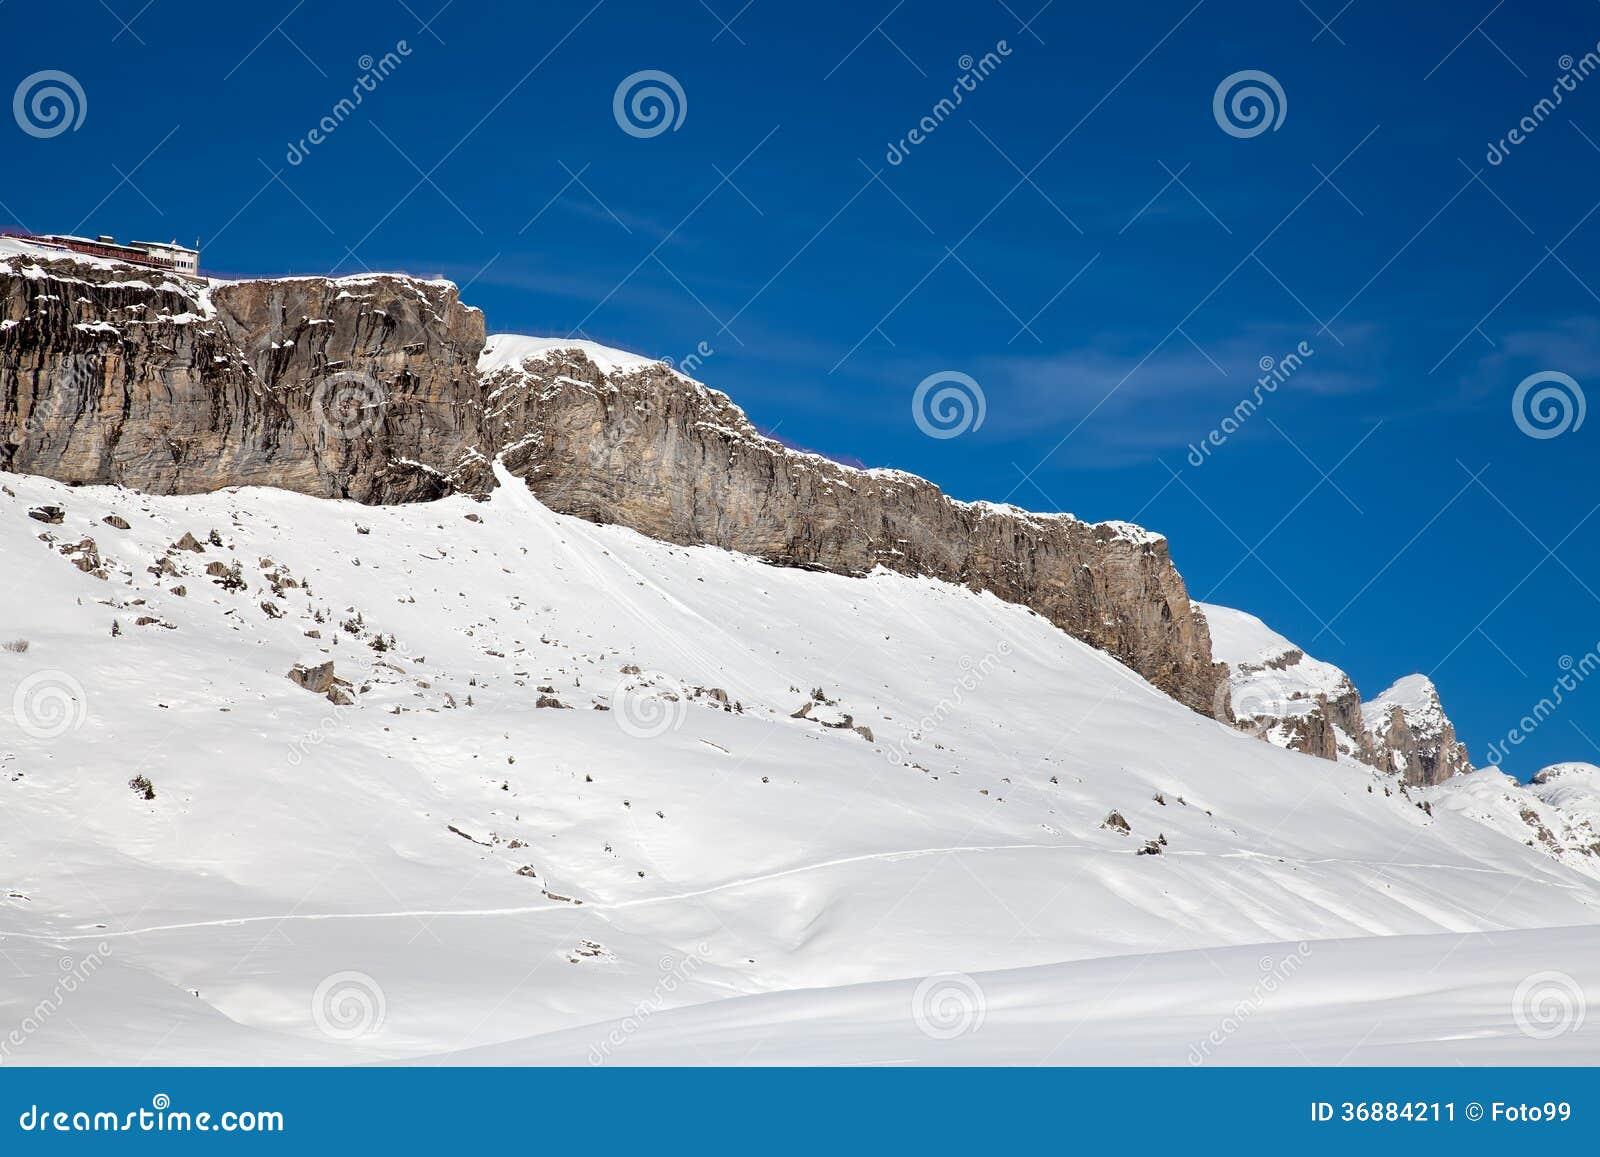 Download Montagna Ricoperta Neve Ridge Immagine Stock - Immagine di vista, scenico: 36884211